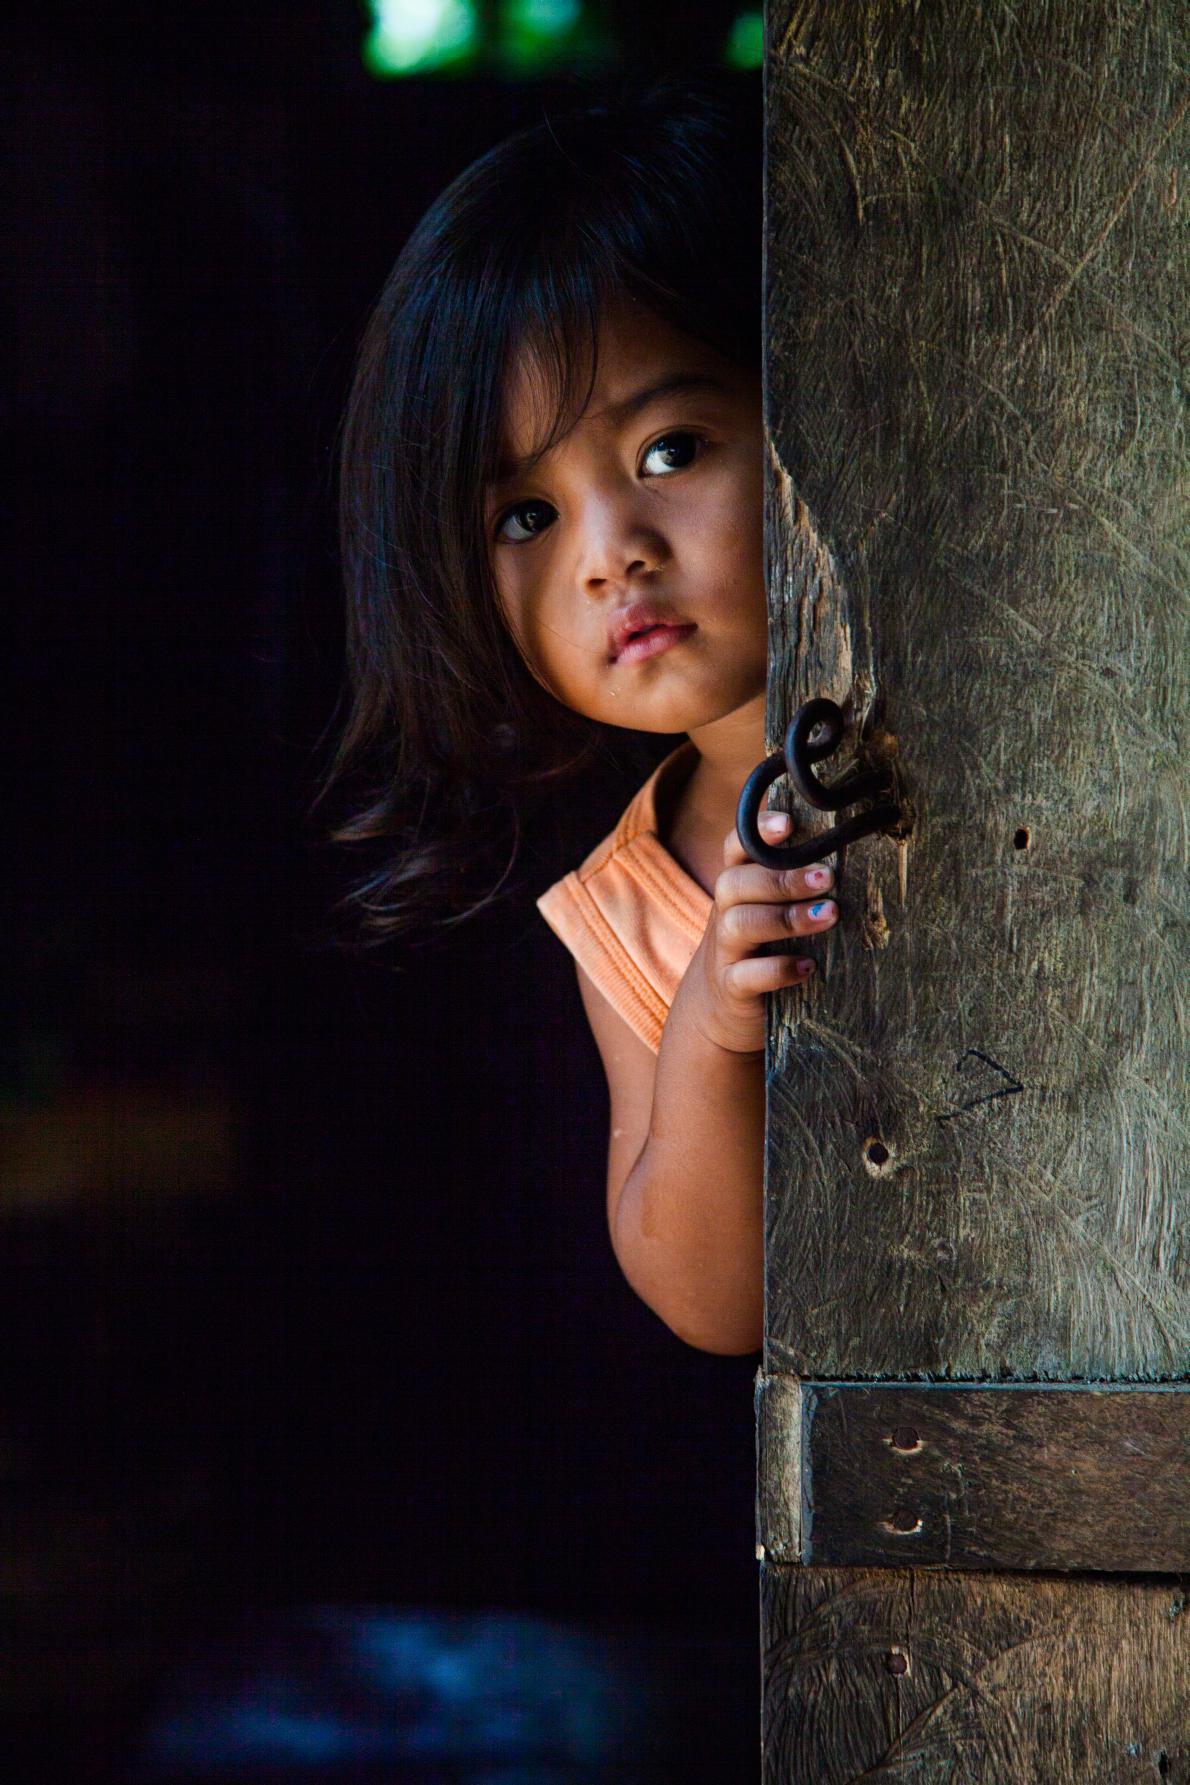 Το πορταίτο της μικρής απο την Kαμπότζη